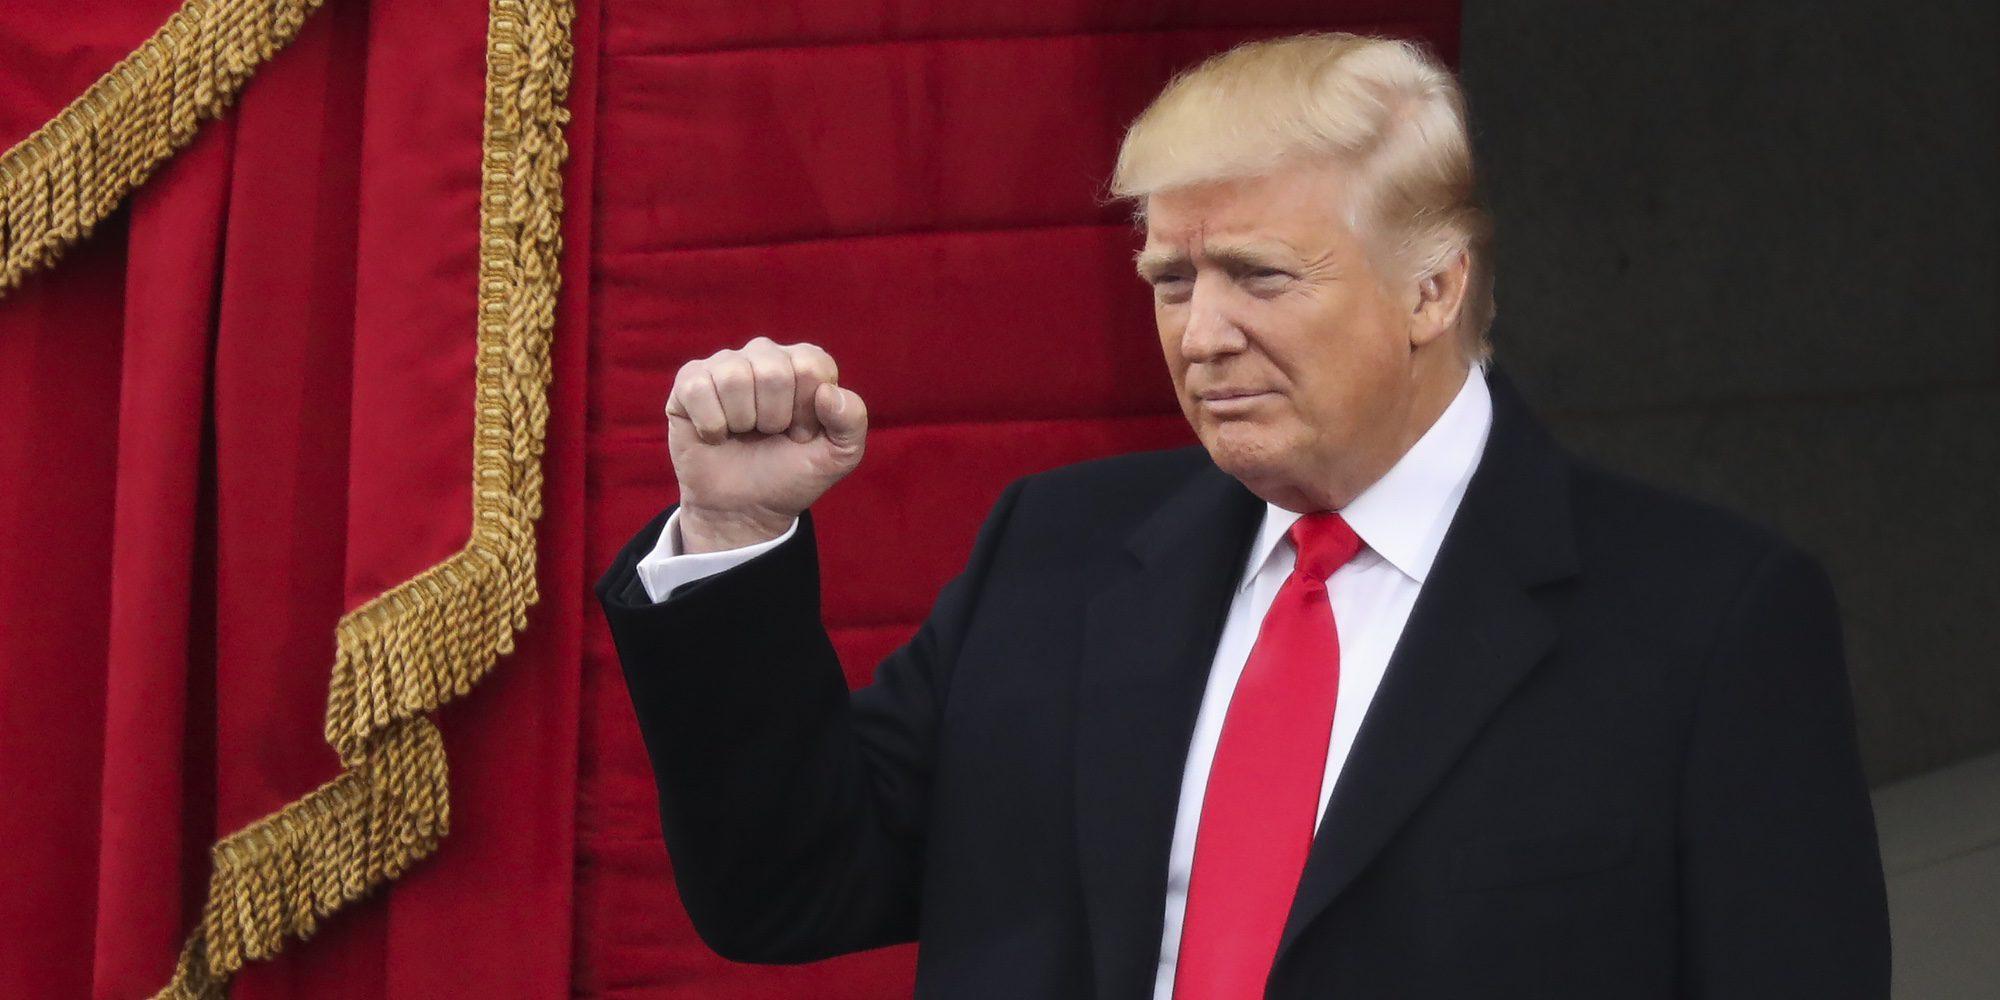 Así fue la toma de posesión de Donald Trump como presidente de Estados Unidos